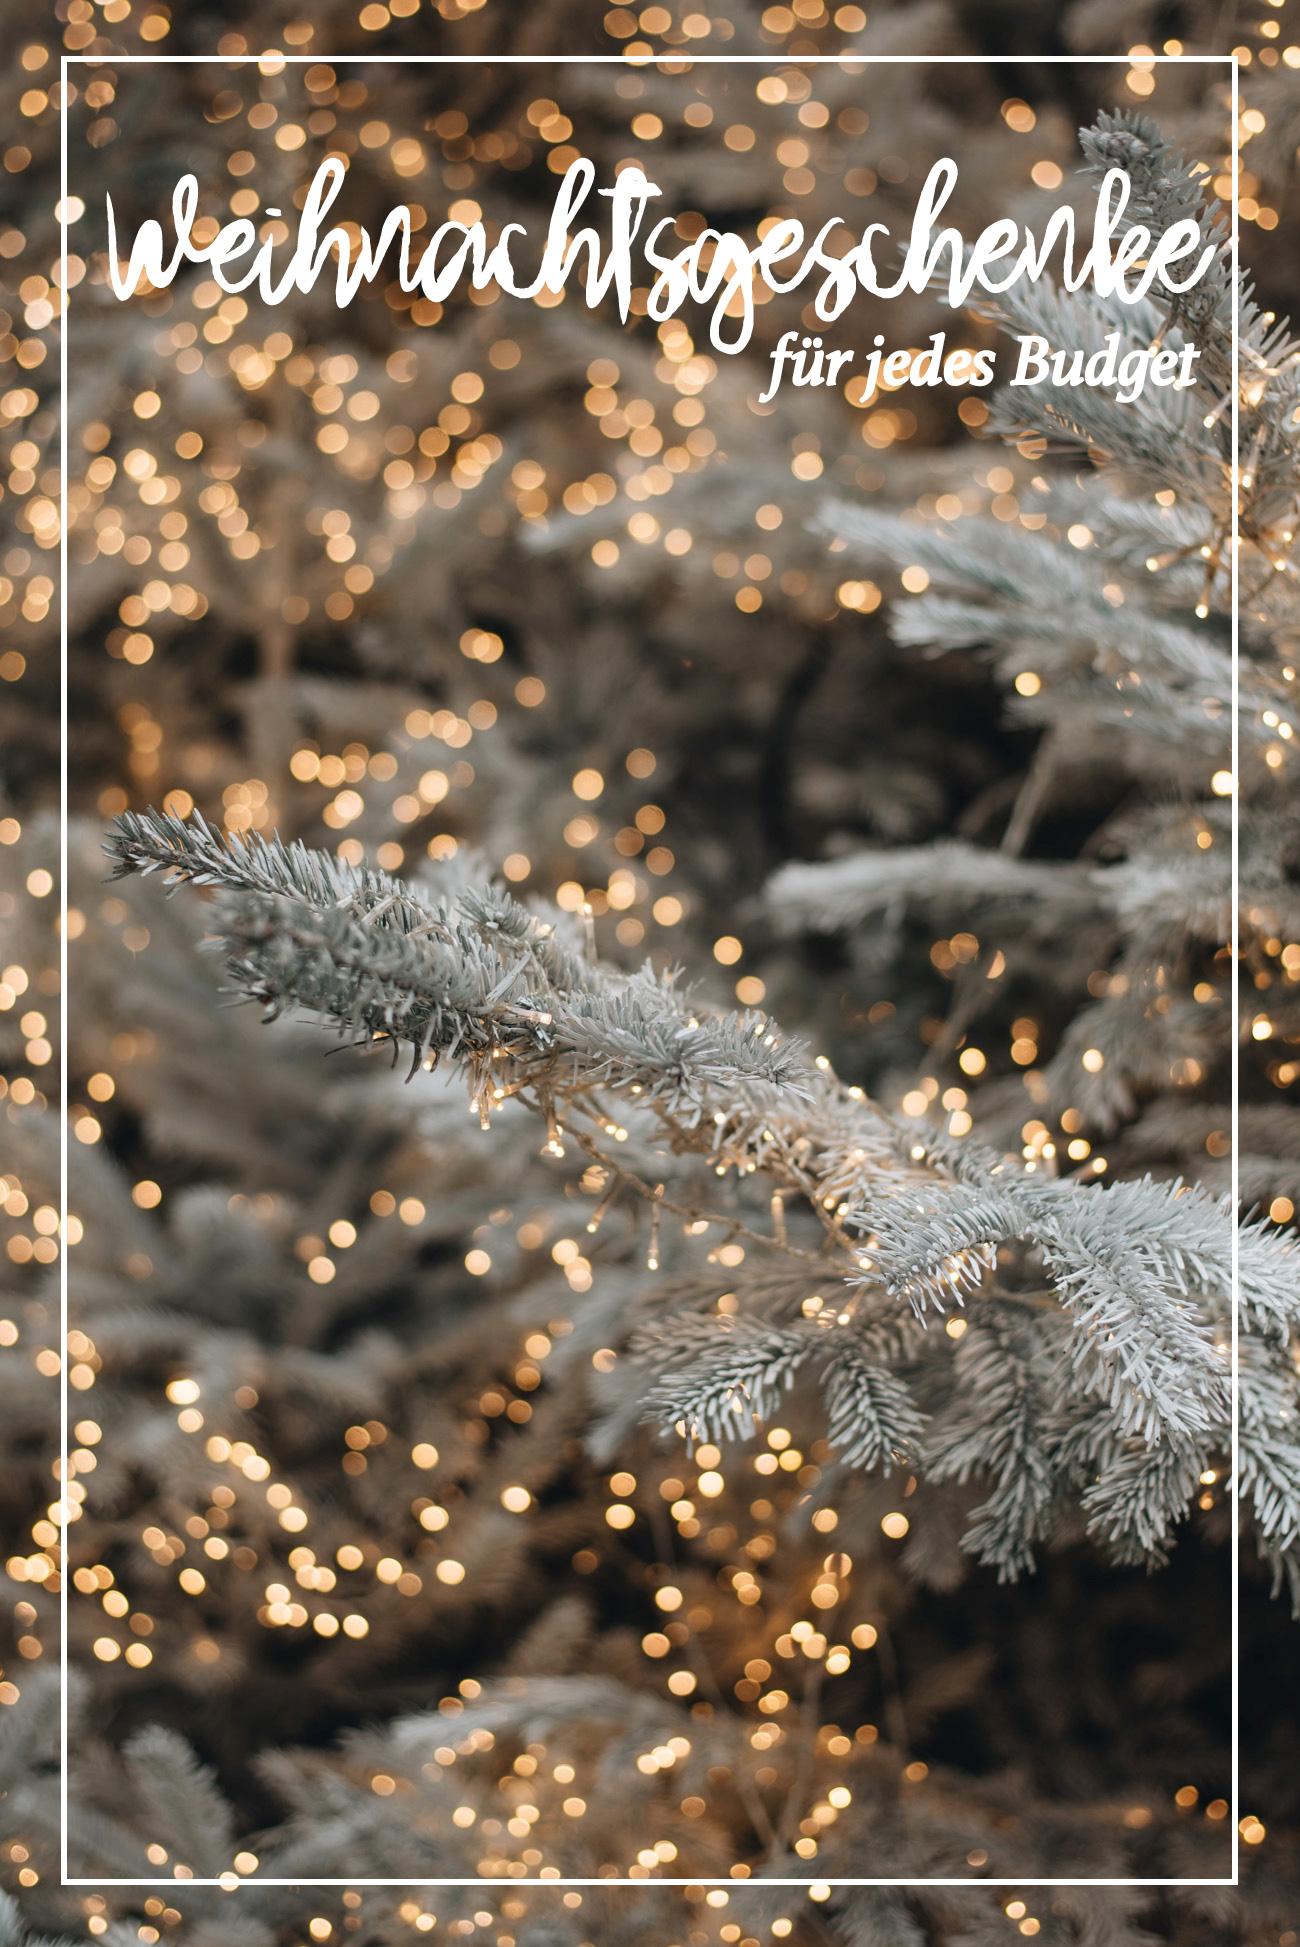 f r jedes budget weihnachtsgeschenke unter 50 euro. Black Bedroom Furniture Sets. Home Design Ideas